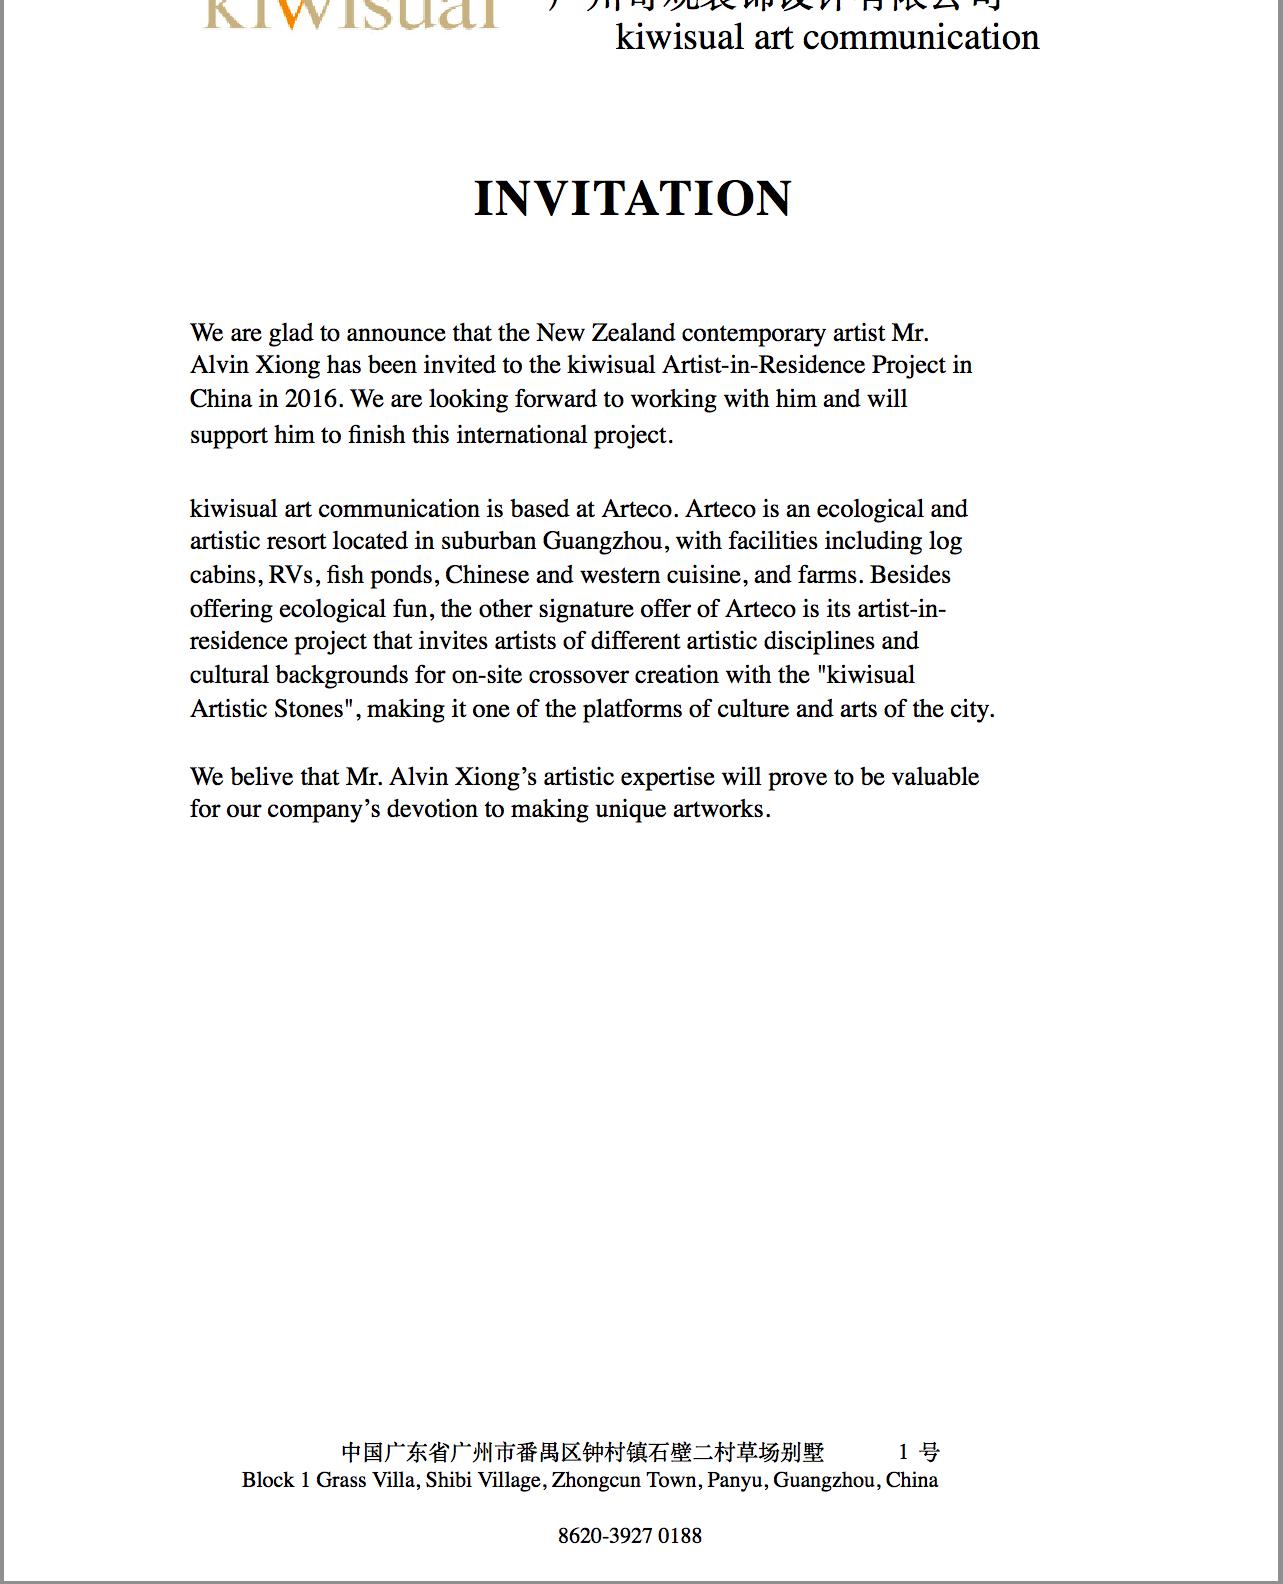 invitation letter.png